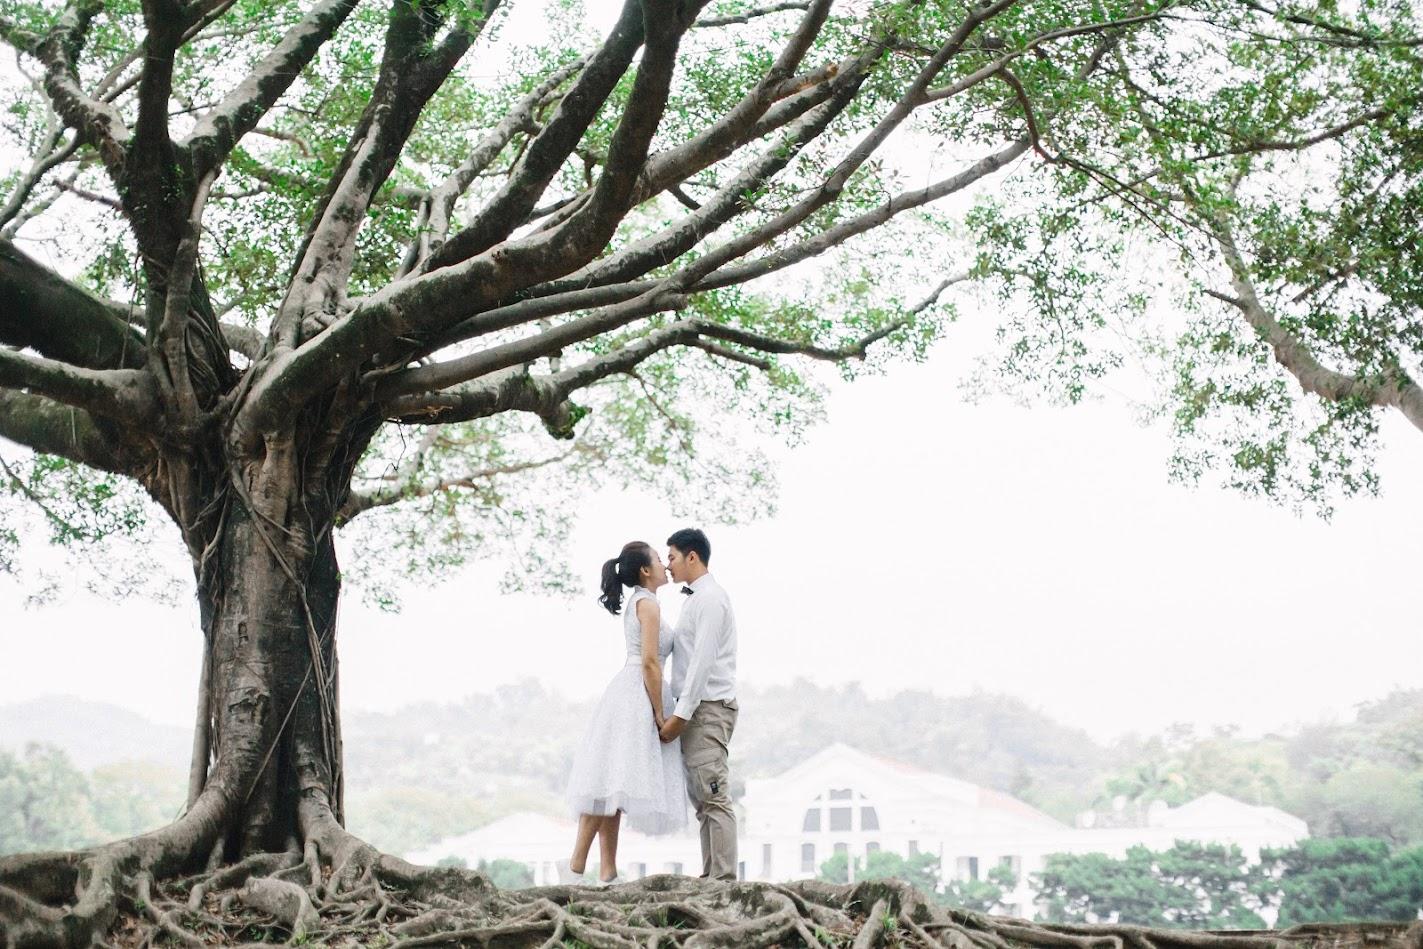 台中美式自助婚紗外拍攝景點-中興新村